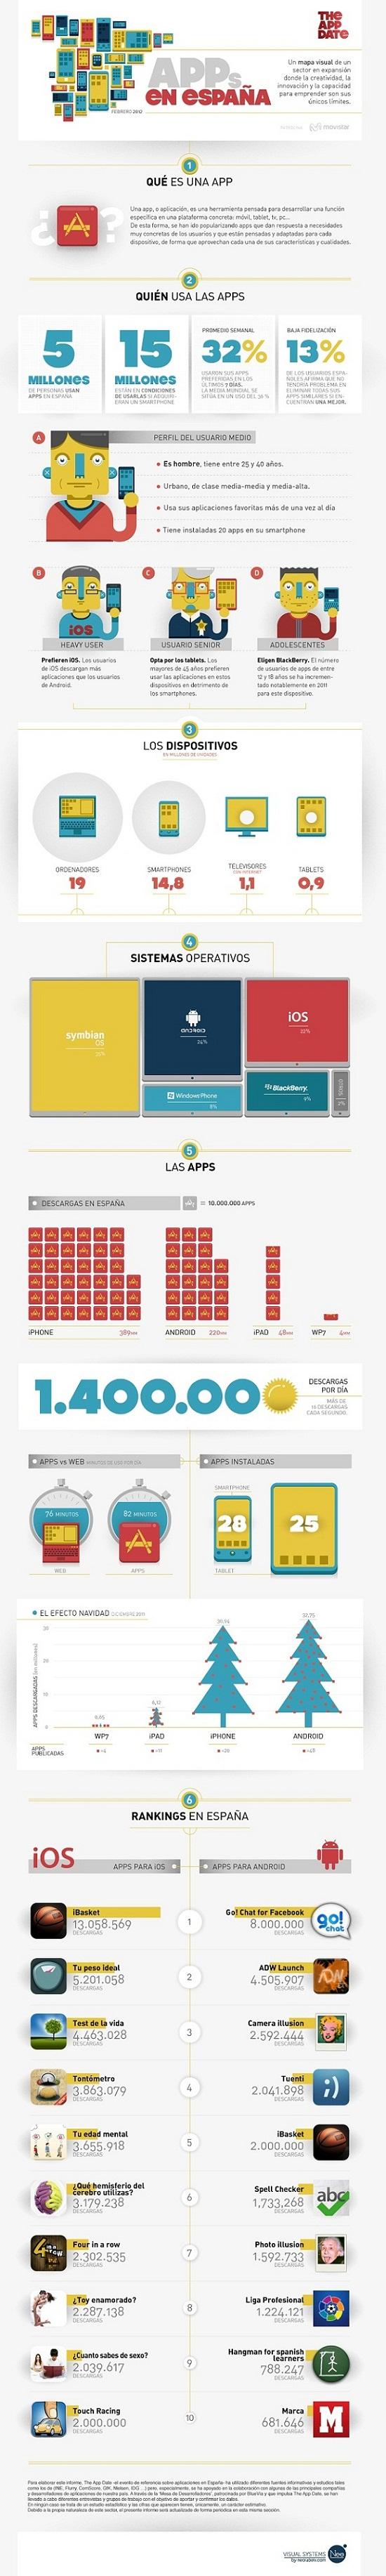 infografia apps.jpg